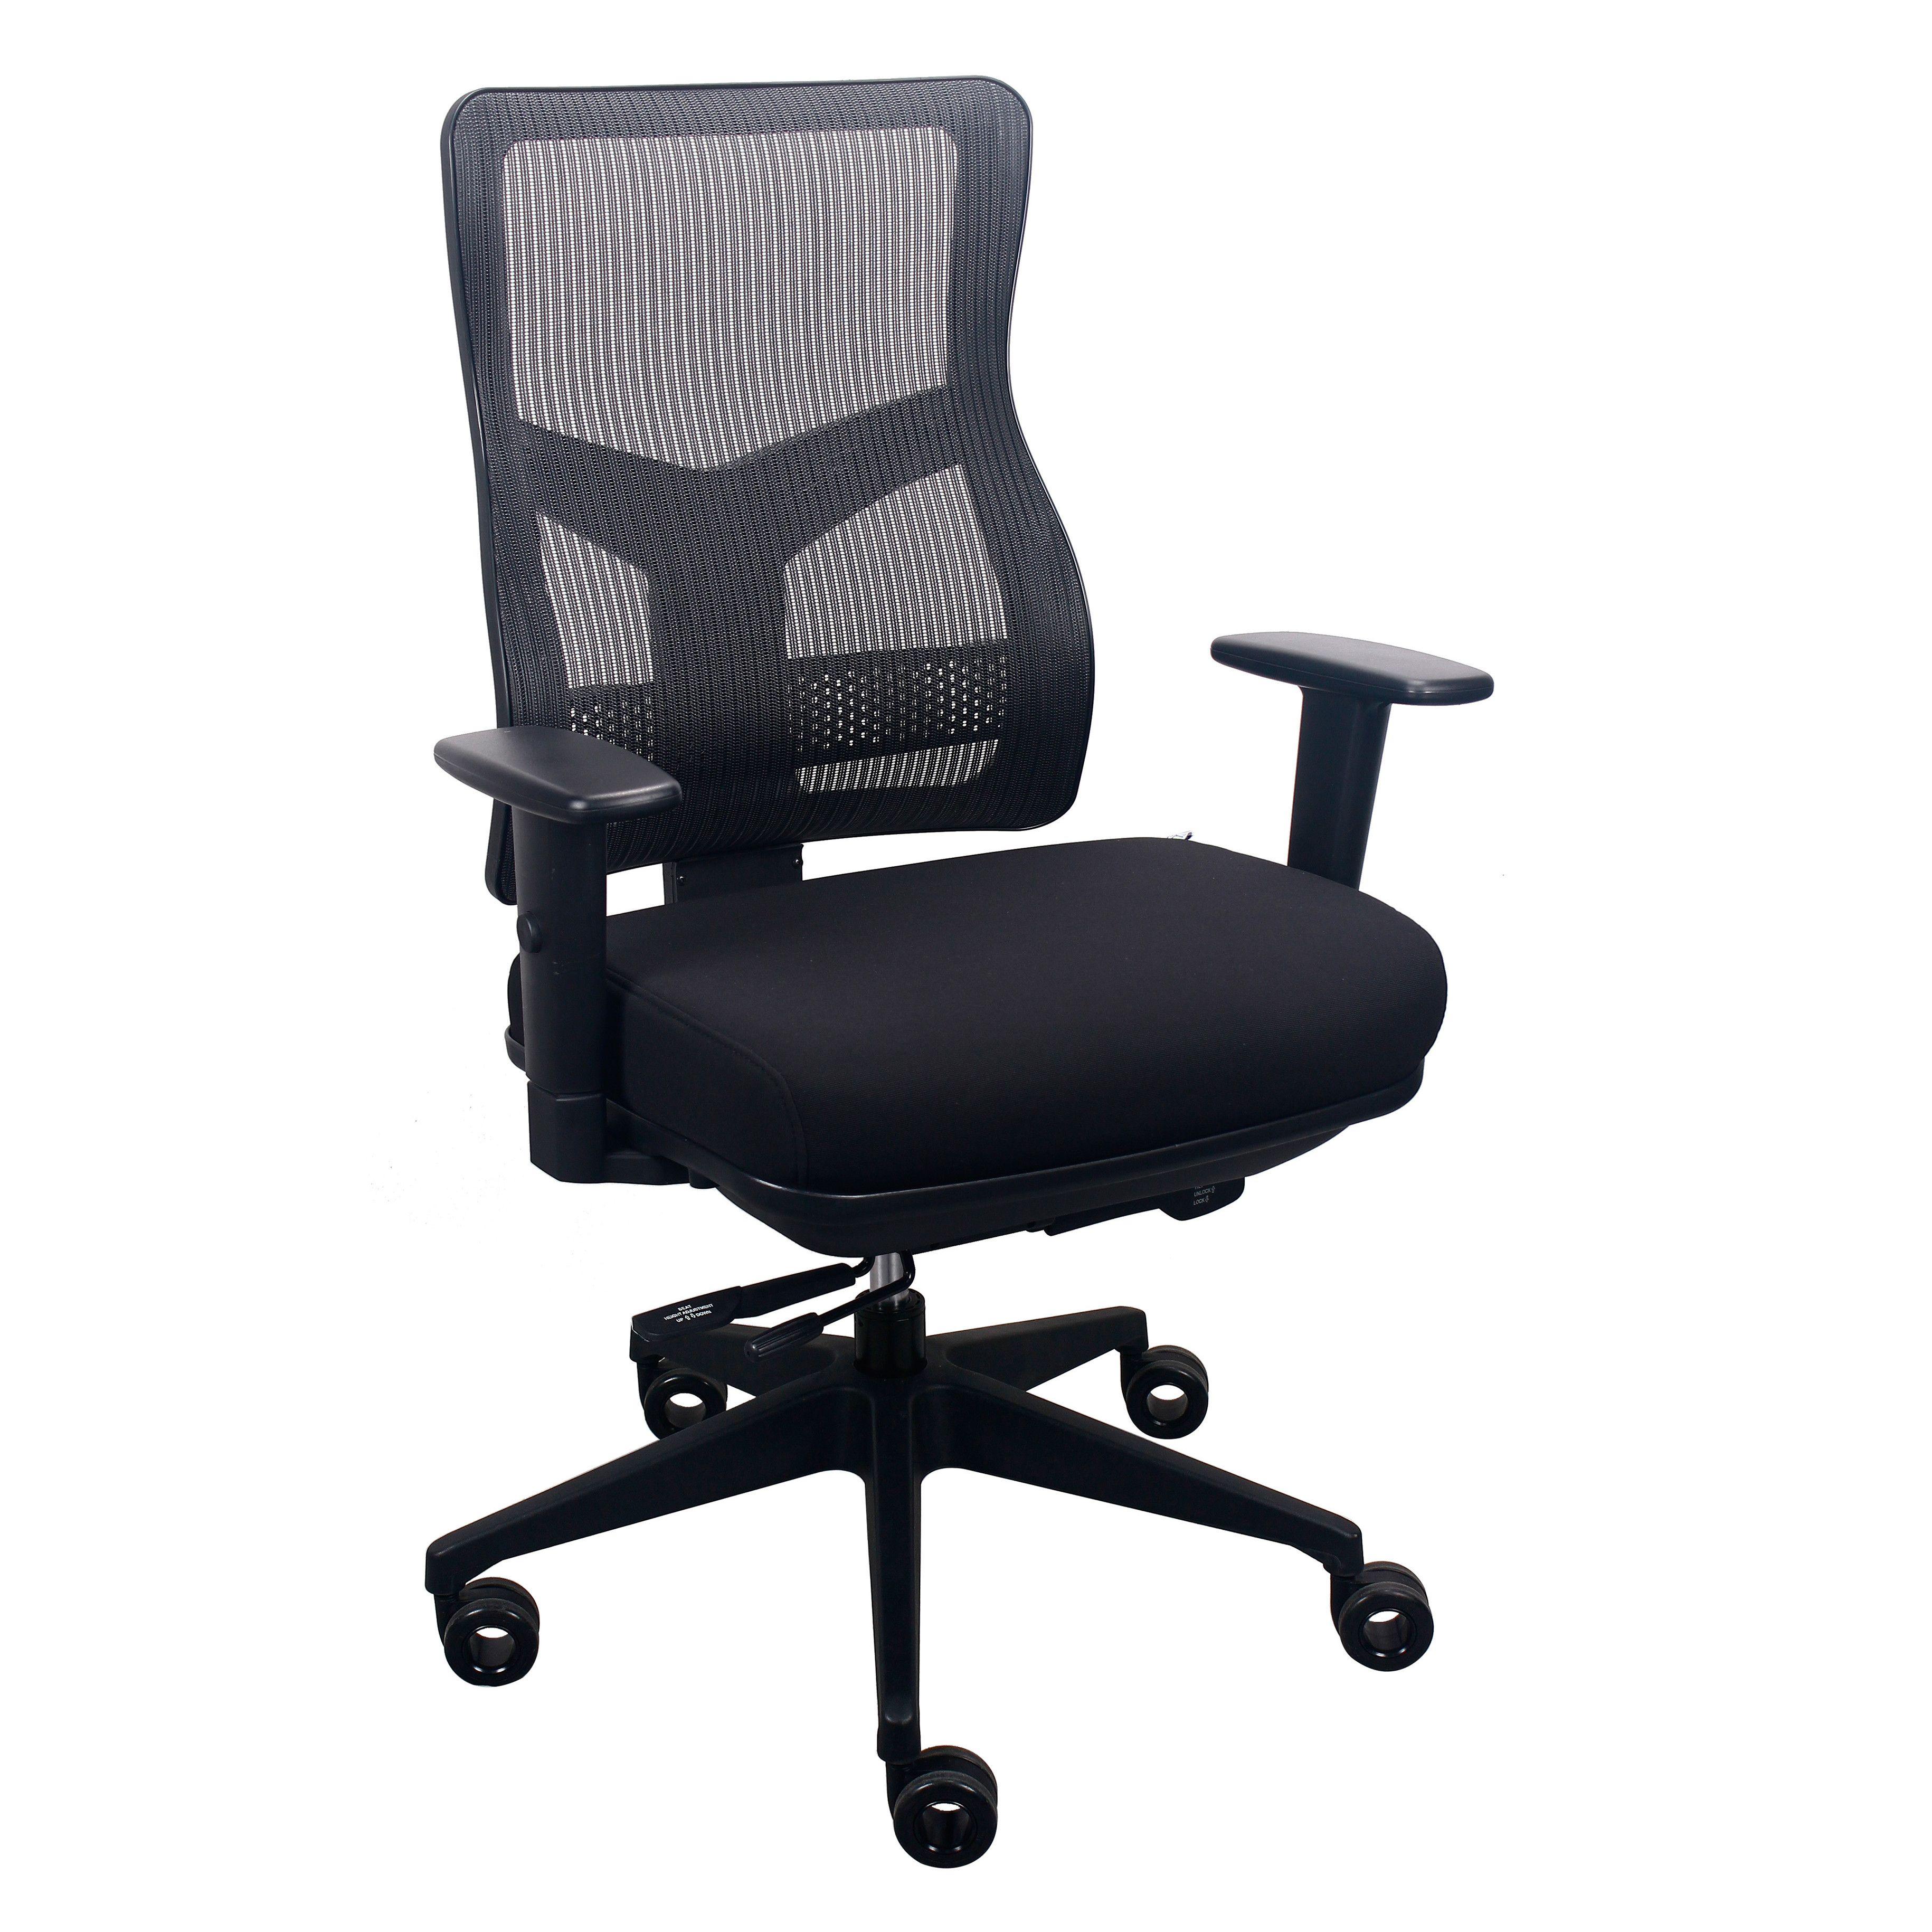 Mesh Back Office Chair Stuhlede Com Sessel Stuhle Office